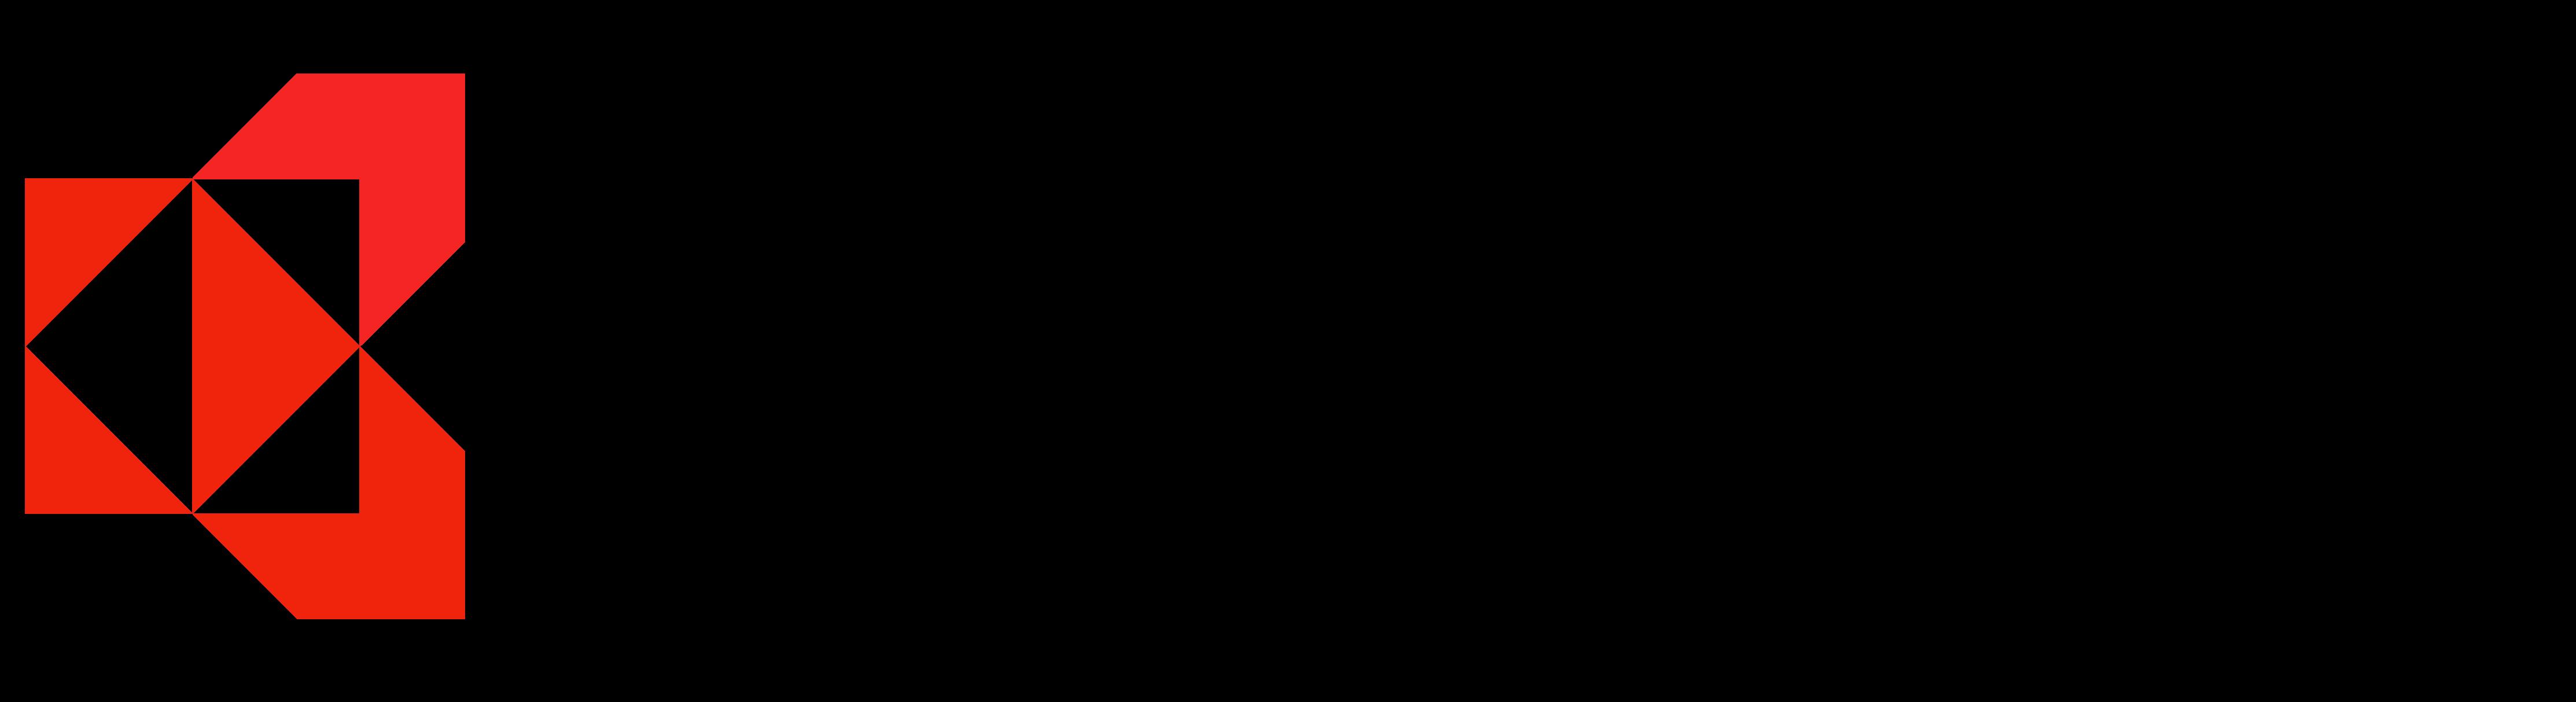 Kyocera Vector Logo PNG